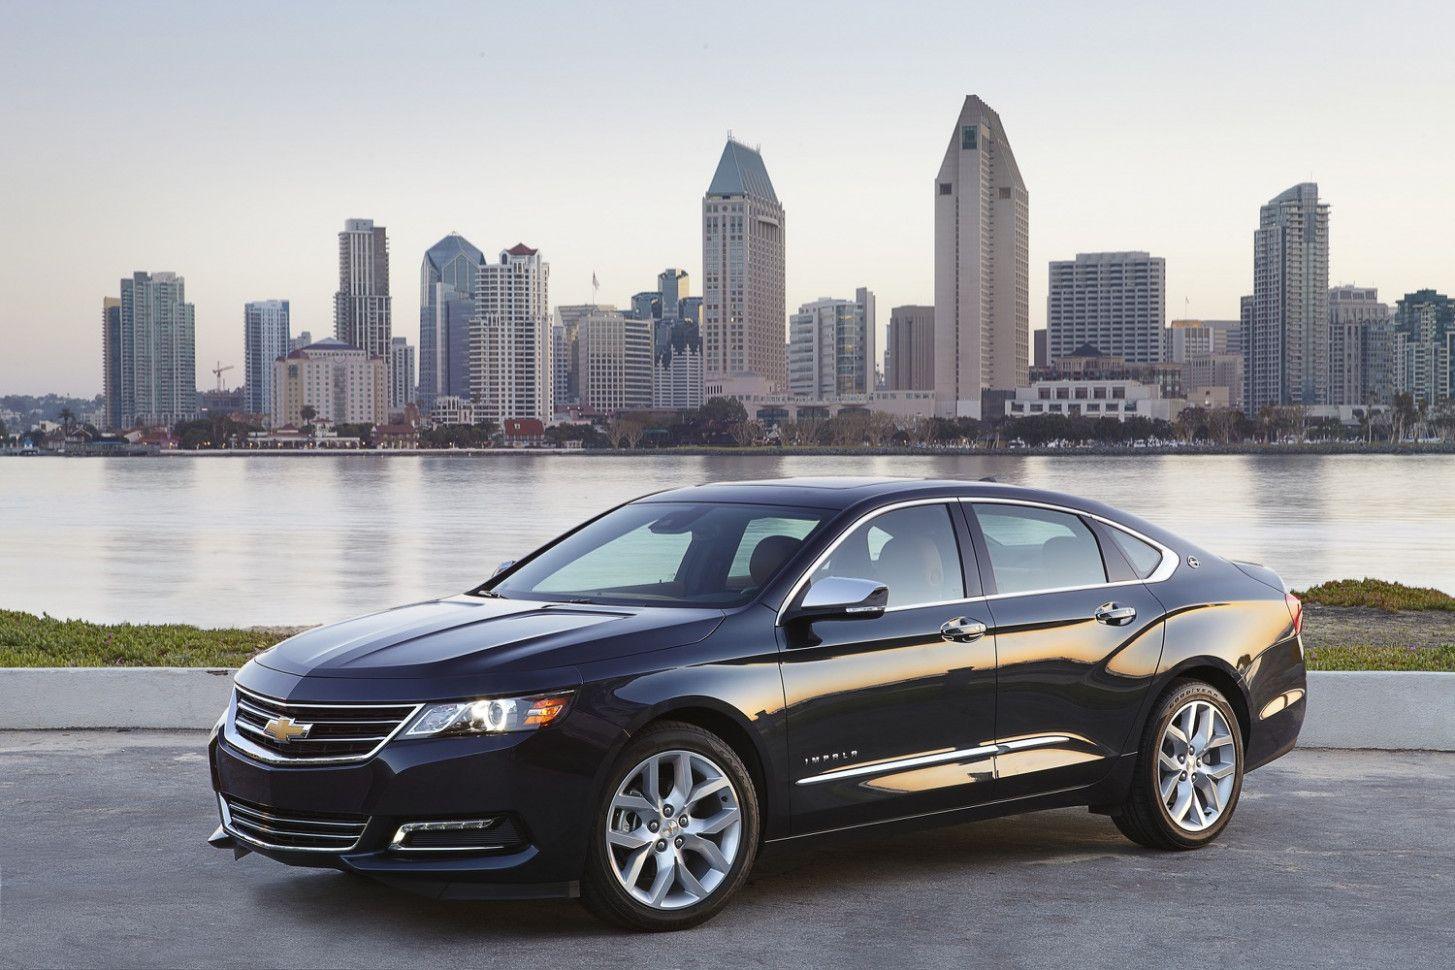 2020 Chevrolet Impala Ls In 2020 Chevrolet Impala Impala Ltz Impala